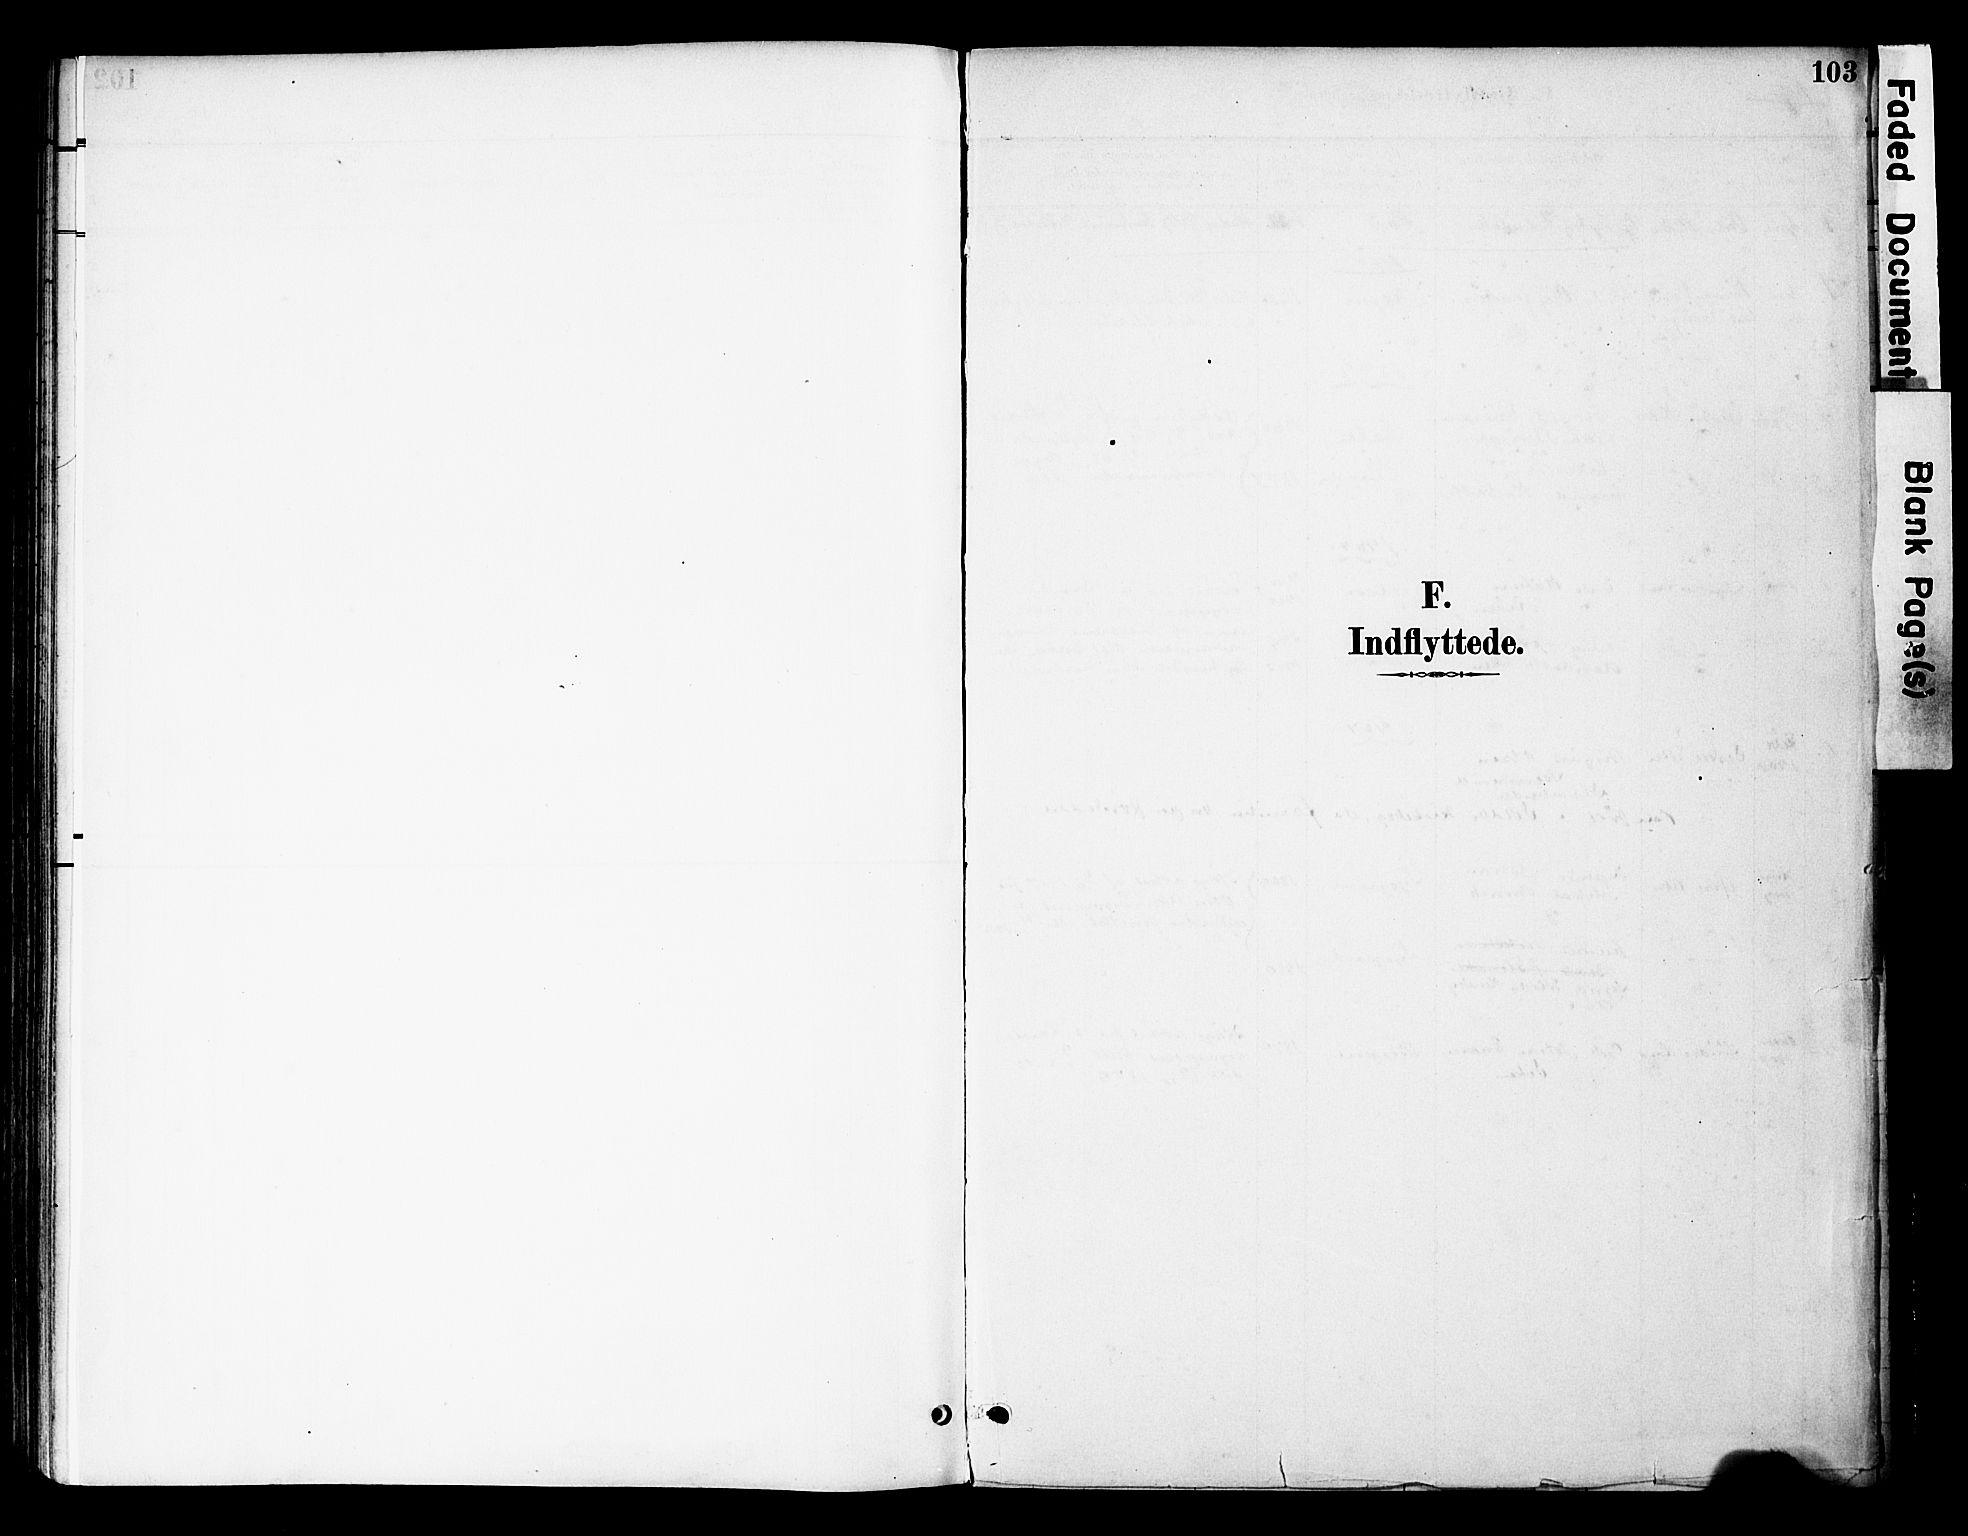 SAH, Øystre Slidre prestekontor, Ministerialbok nr. 3, 1887-1910, s. 103